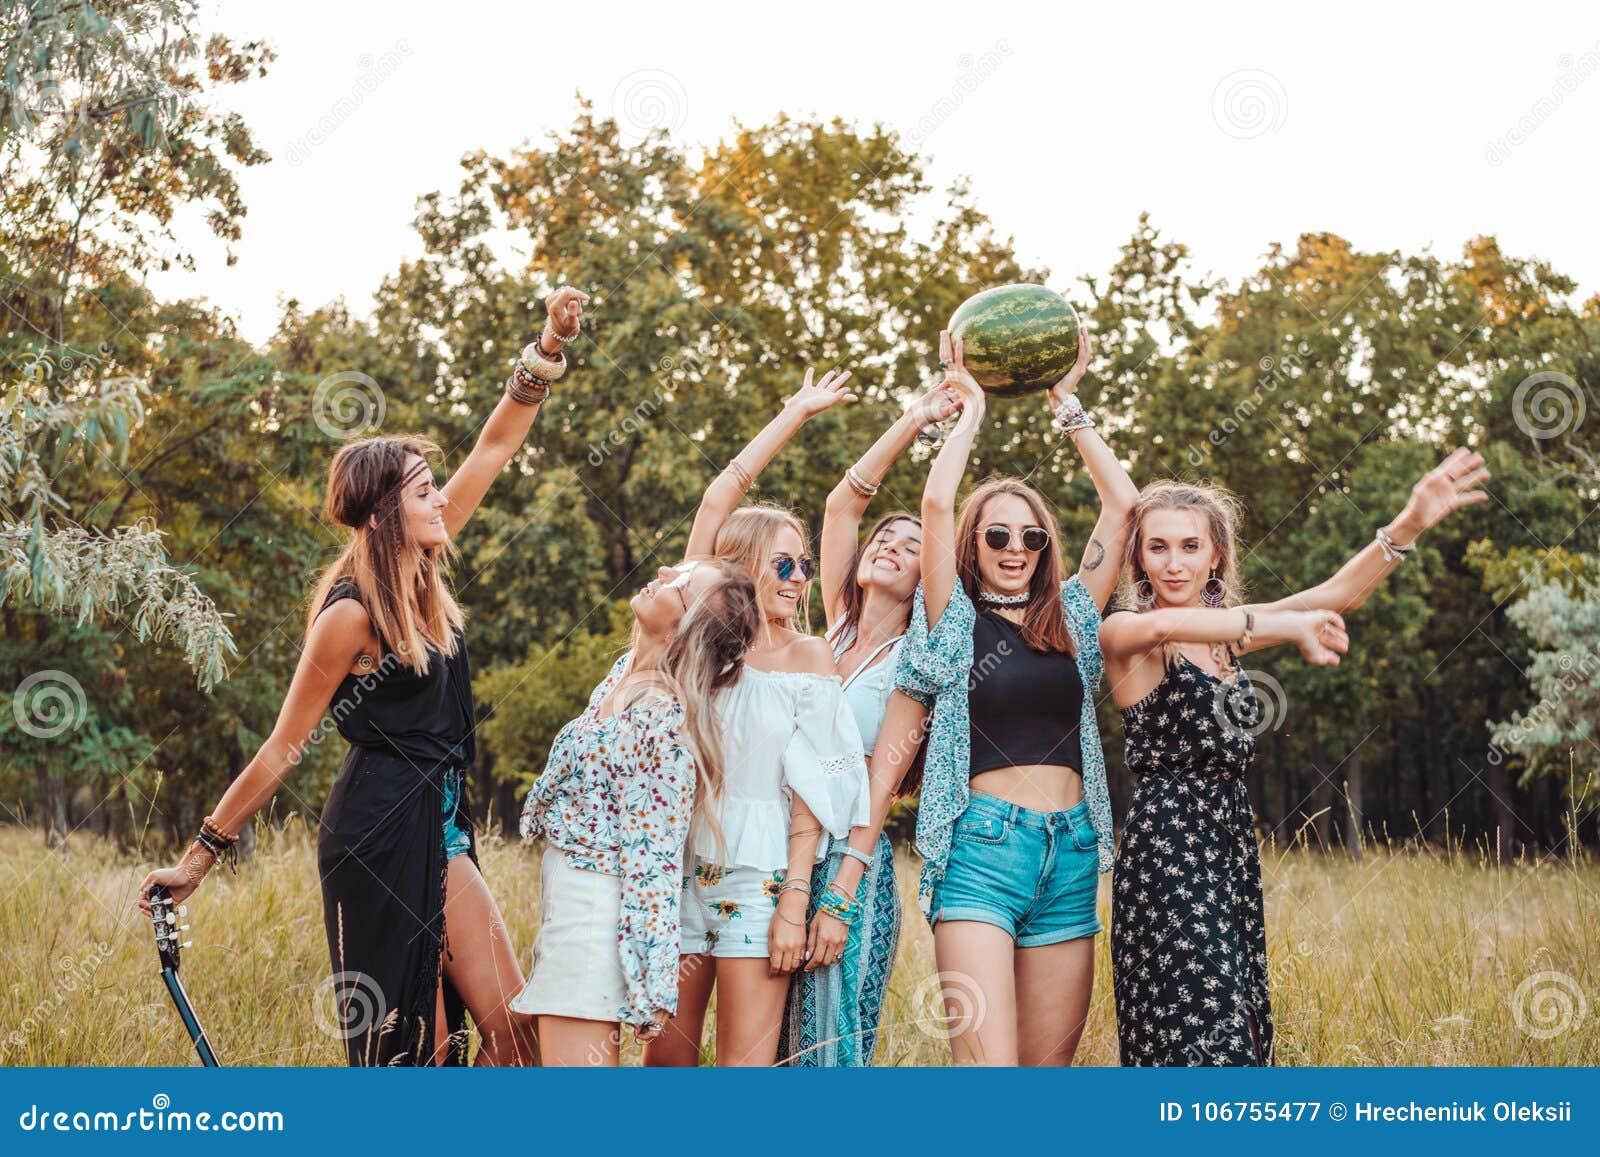 Sechs Mädchen in der Natur haben Spaß